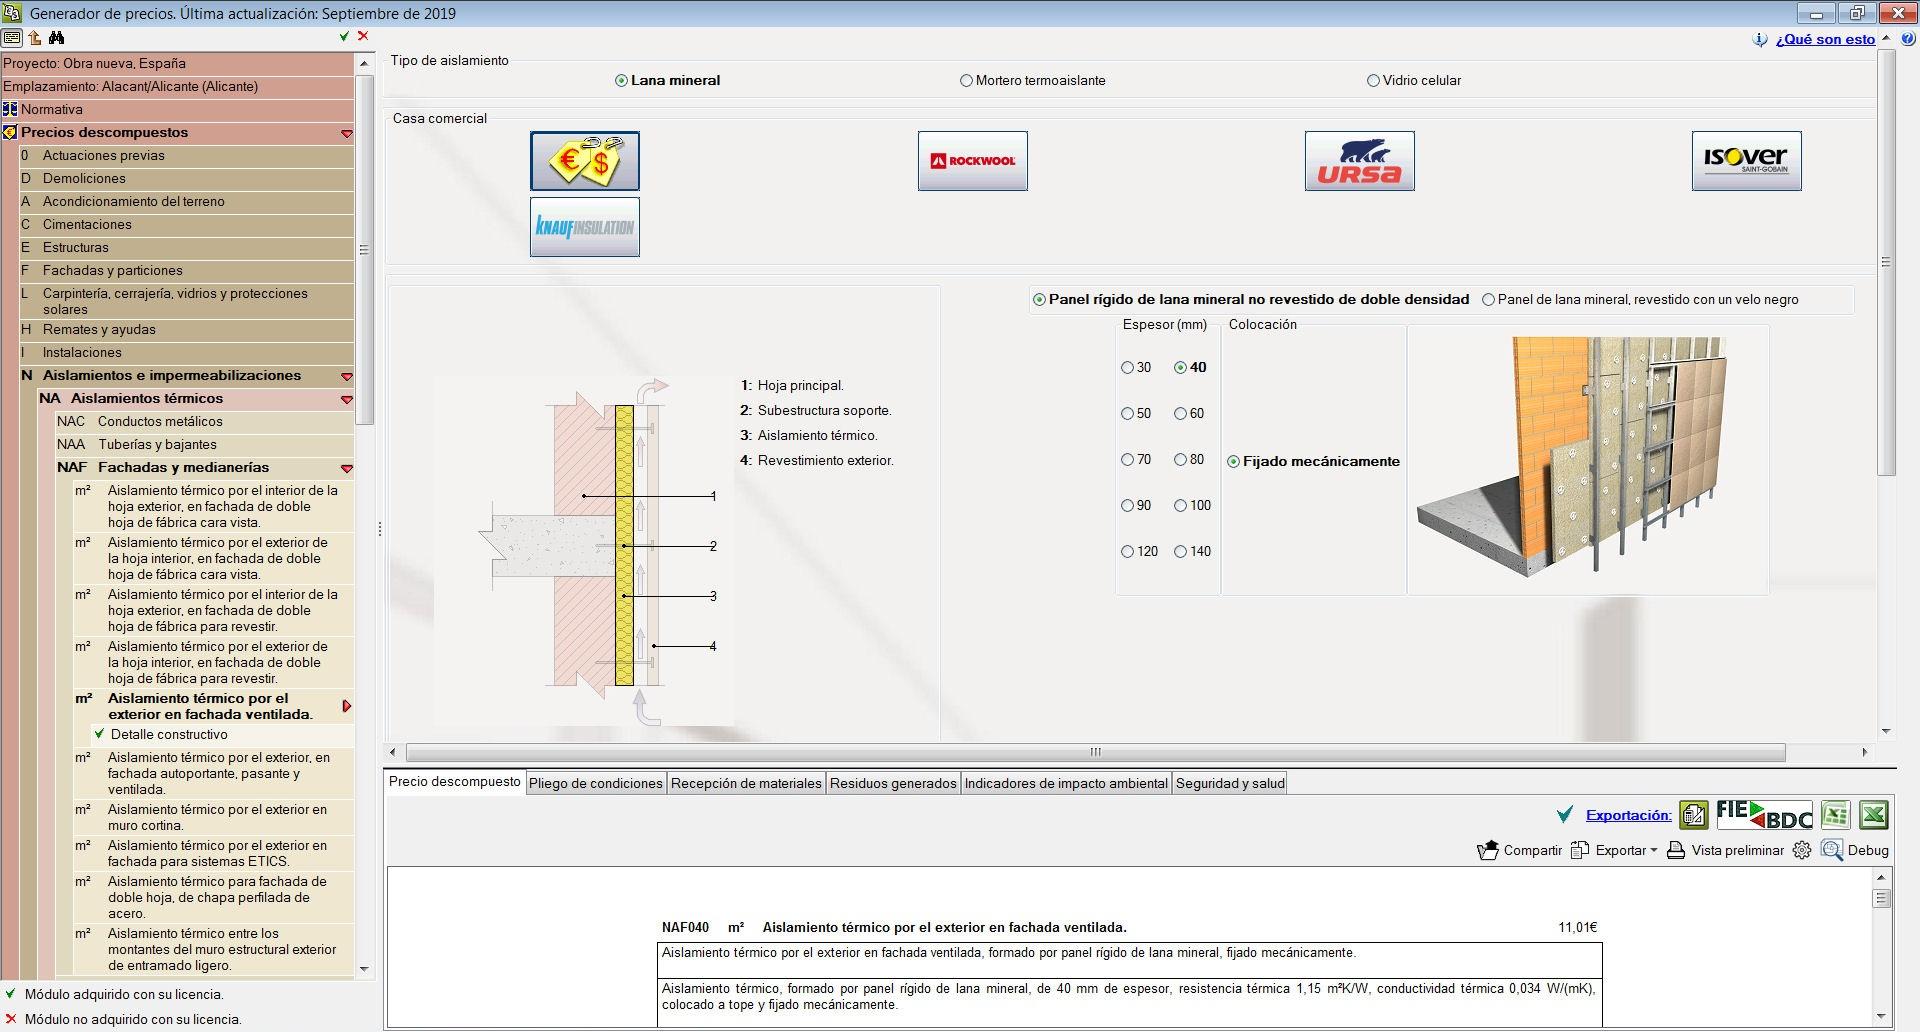 Generador de precios. Aislamiento térmico por el exterior en fachada ventilada. Nuevos requisitos del DB-SI establecidos por el RD 732/2019